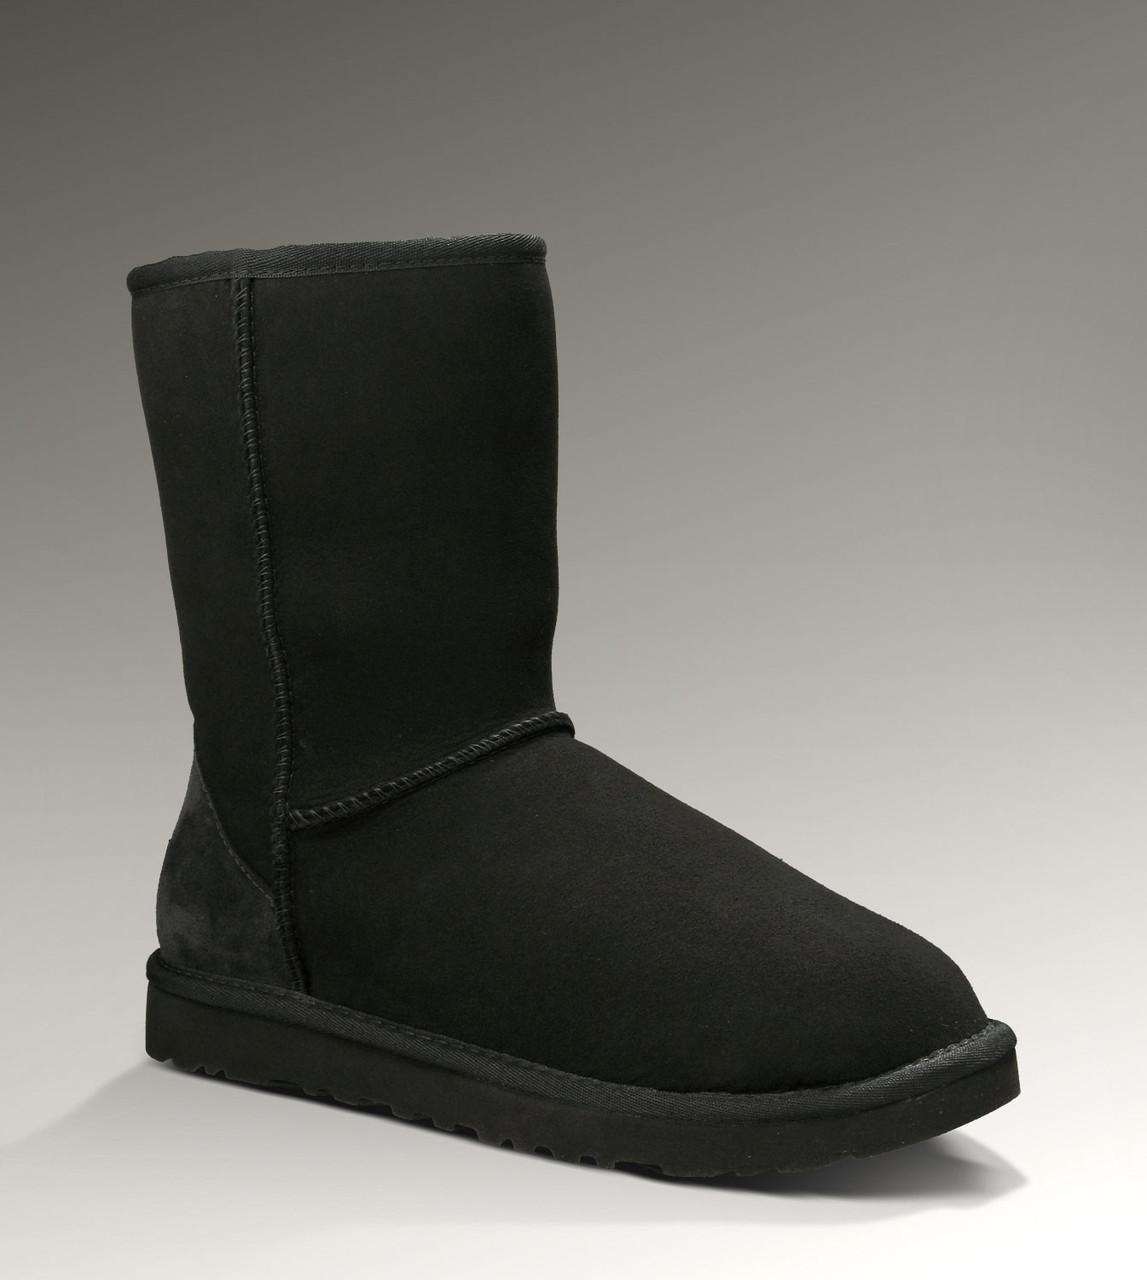 Натуральные угги UGG Australia (Угги Оригинал) Classic Short черные. Model: 5825 - Интернет магазин обуви Sunday Market в Киеве